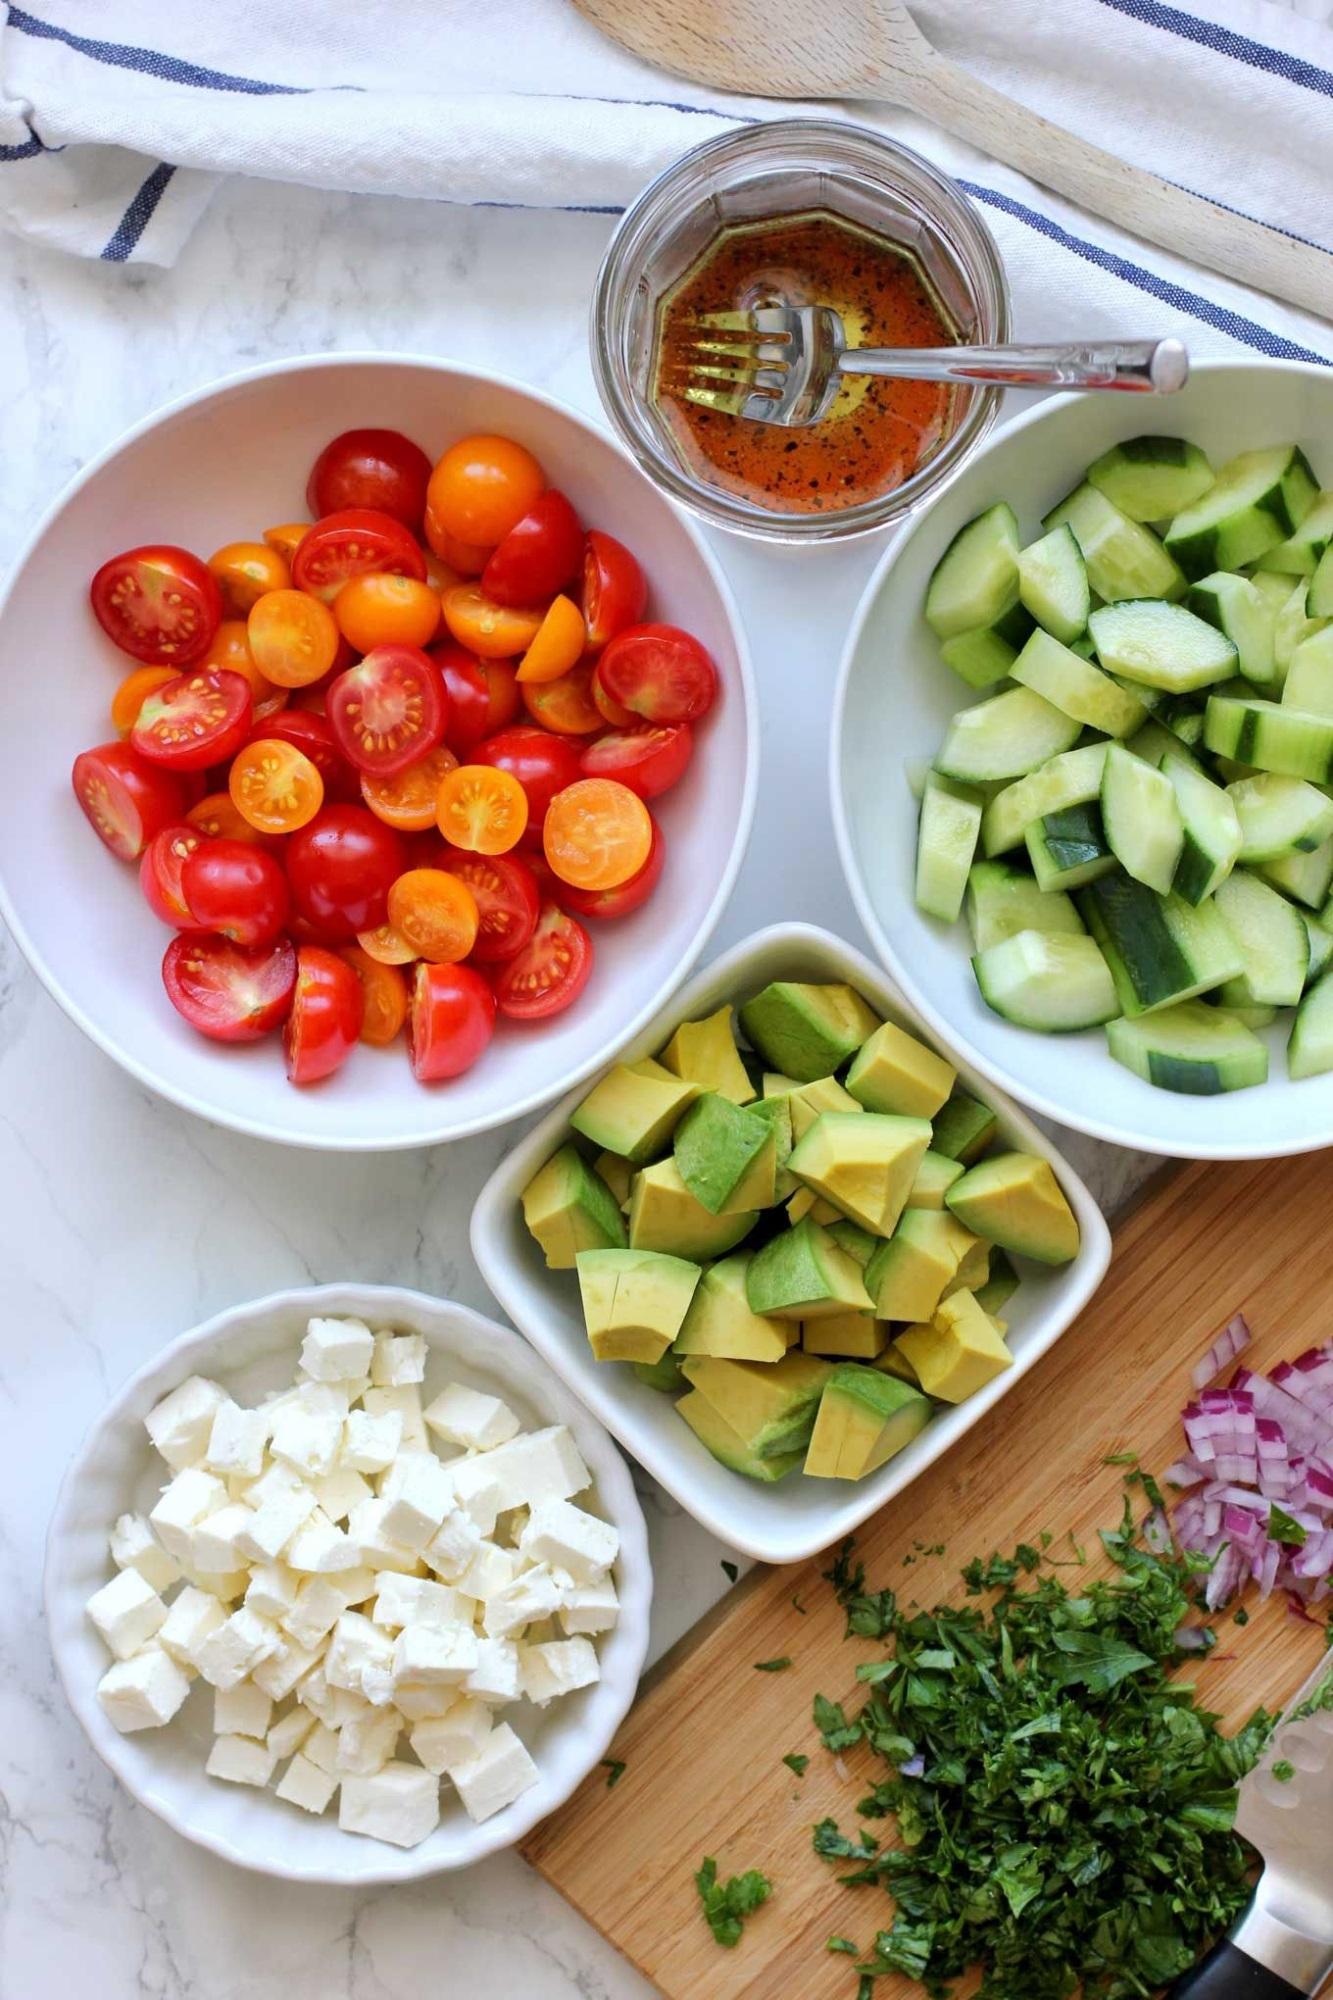 3 loại thực phẩm tưởng giảm cân hiệu quả, hóa ra lại khiến cho cân nặng của bạn cứ nhích dần lên - Ảnh 2